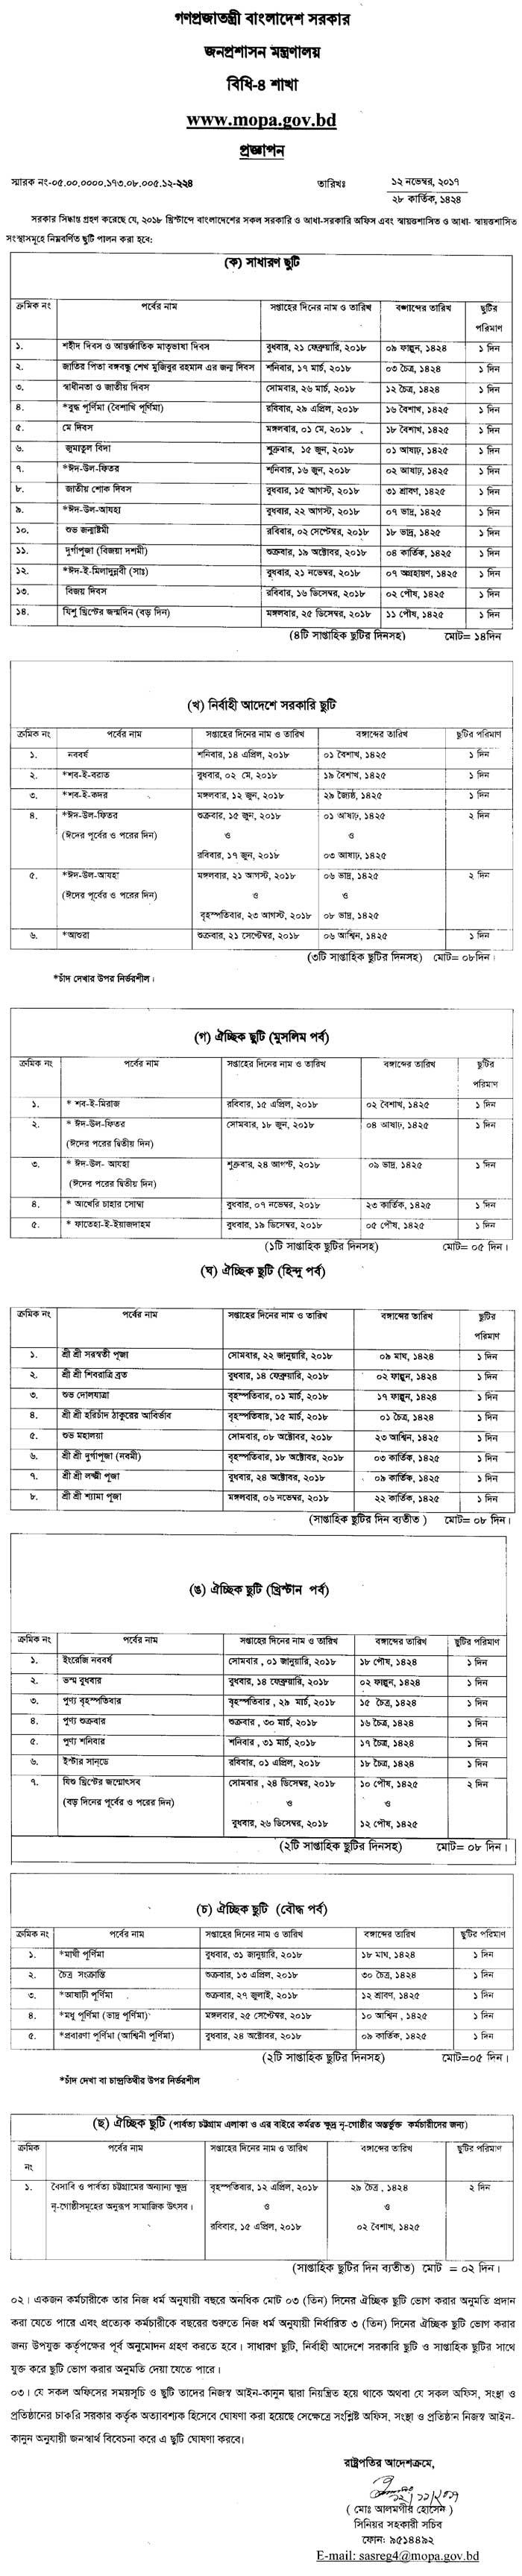 Calendar 2018 Bangladesh Government Public Holiday